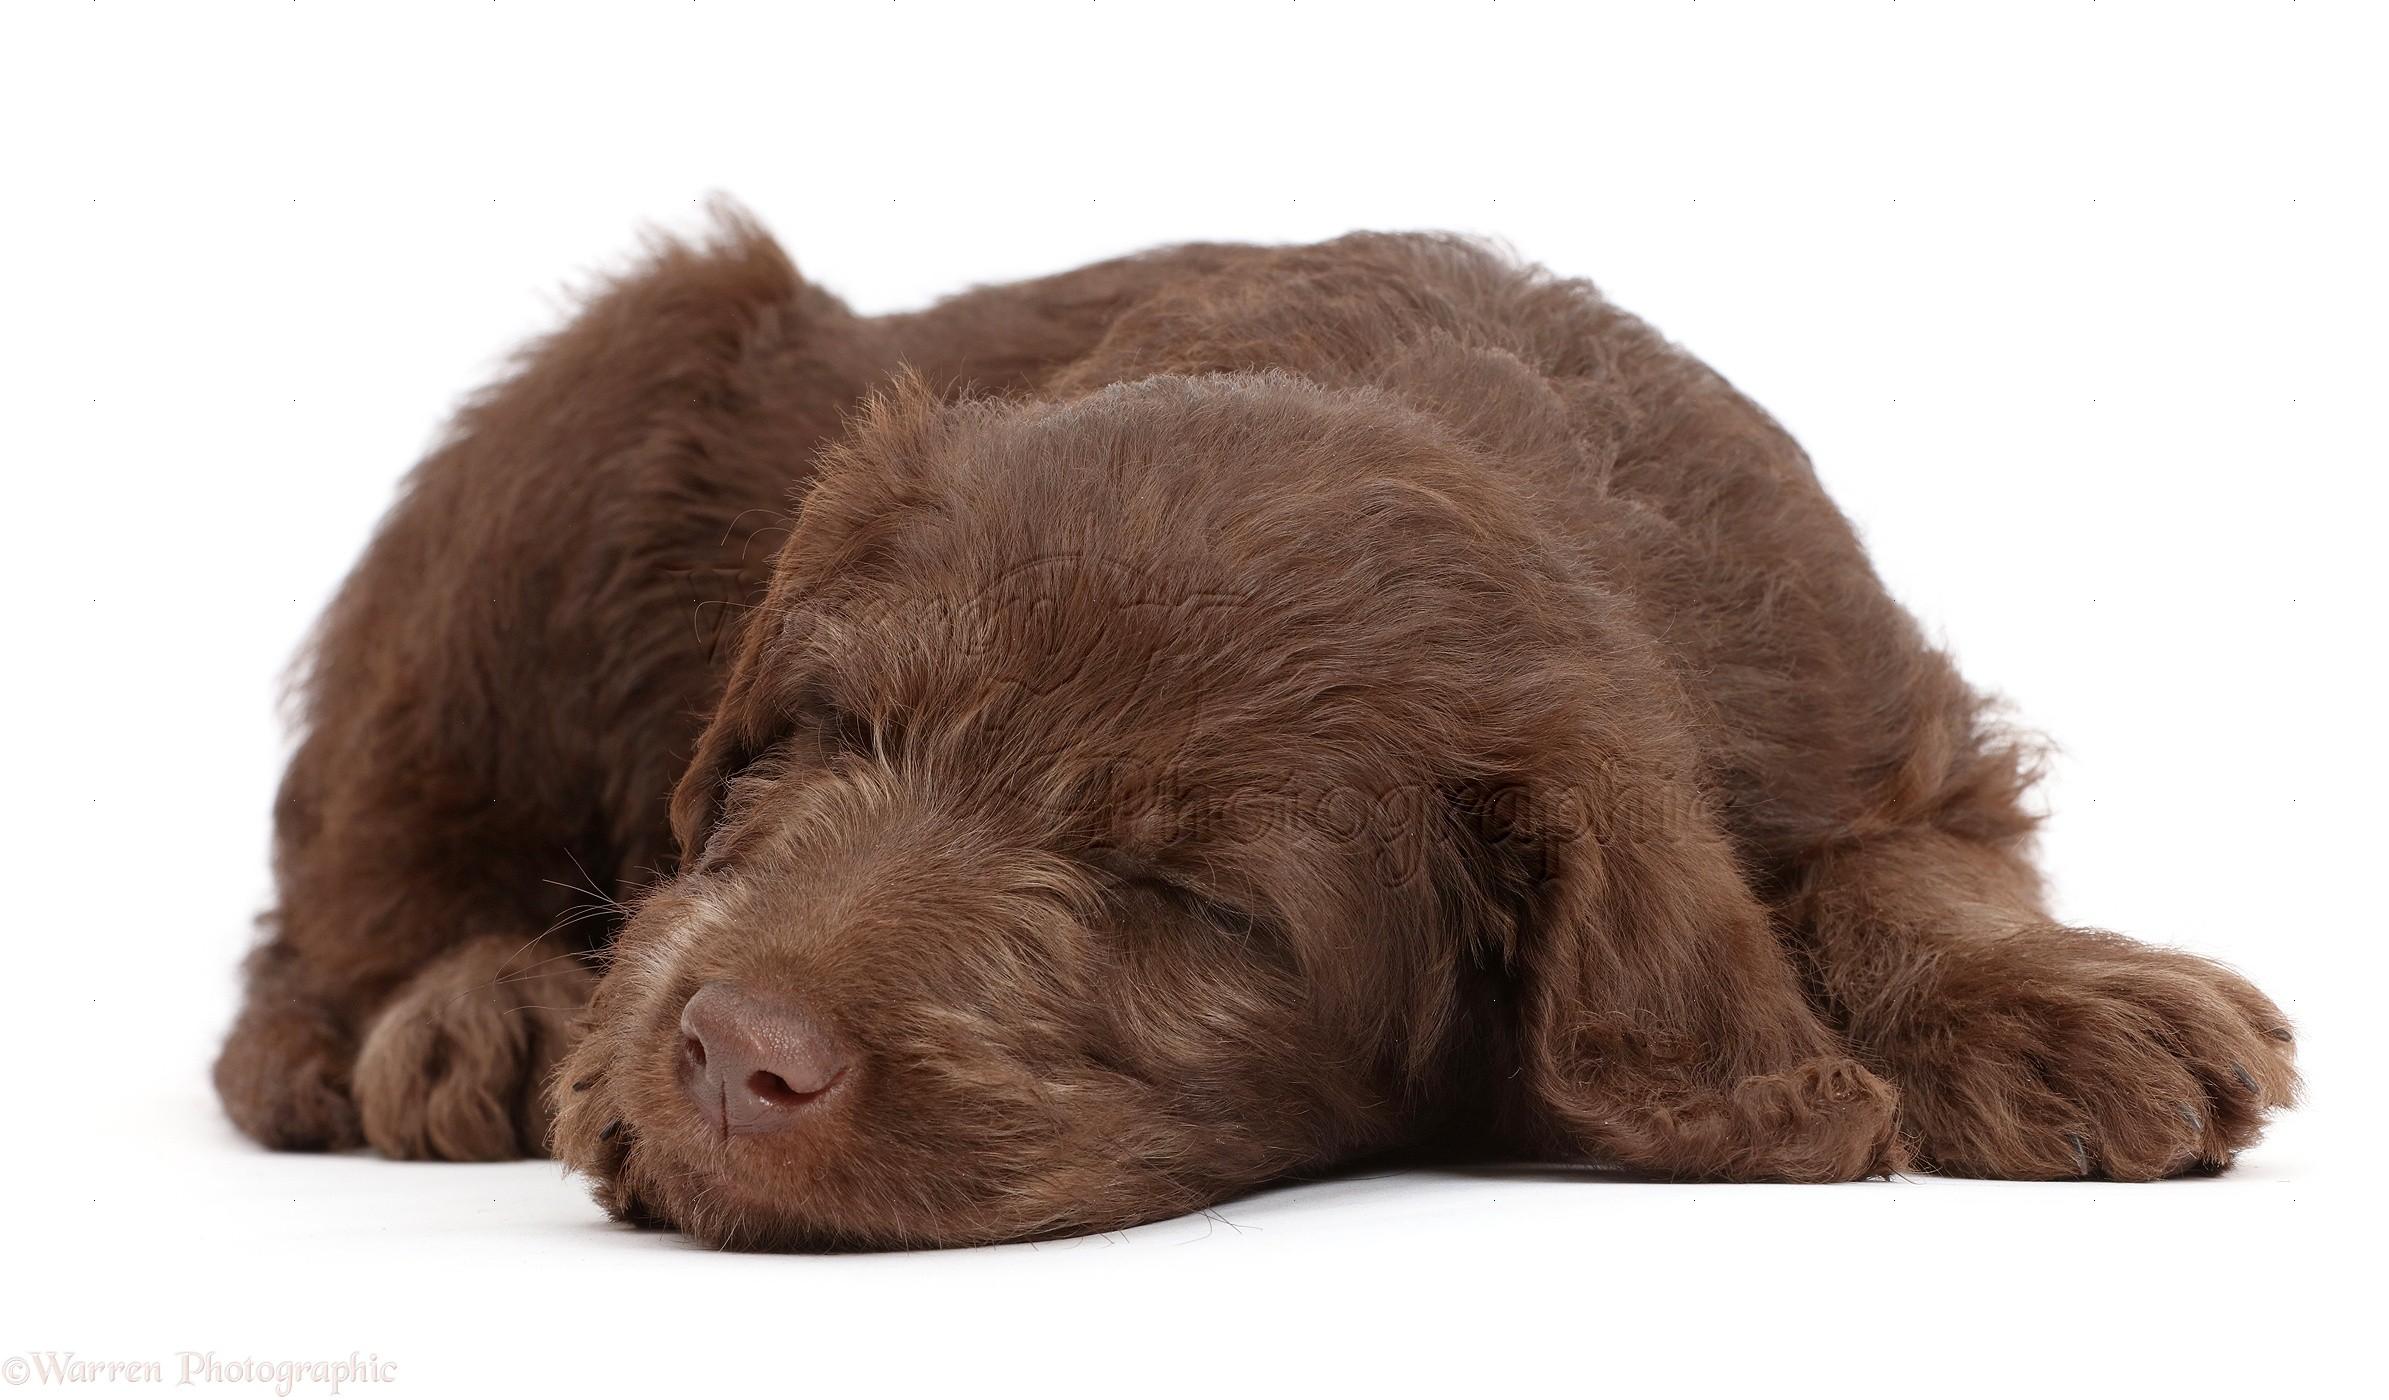 Dog Chocolate Labradoodle Puppy Sleeping Photo Wp47690